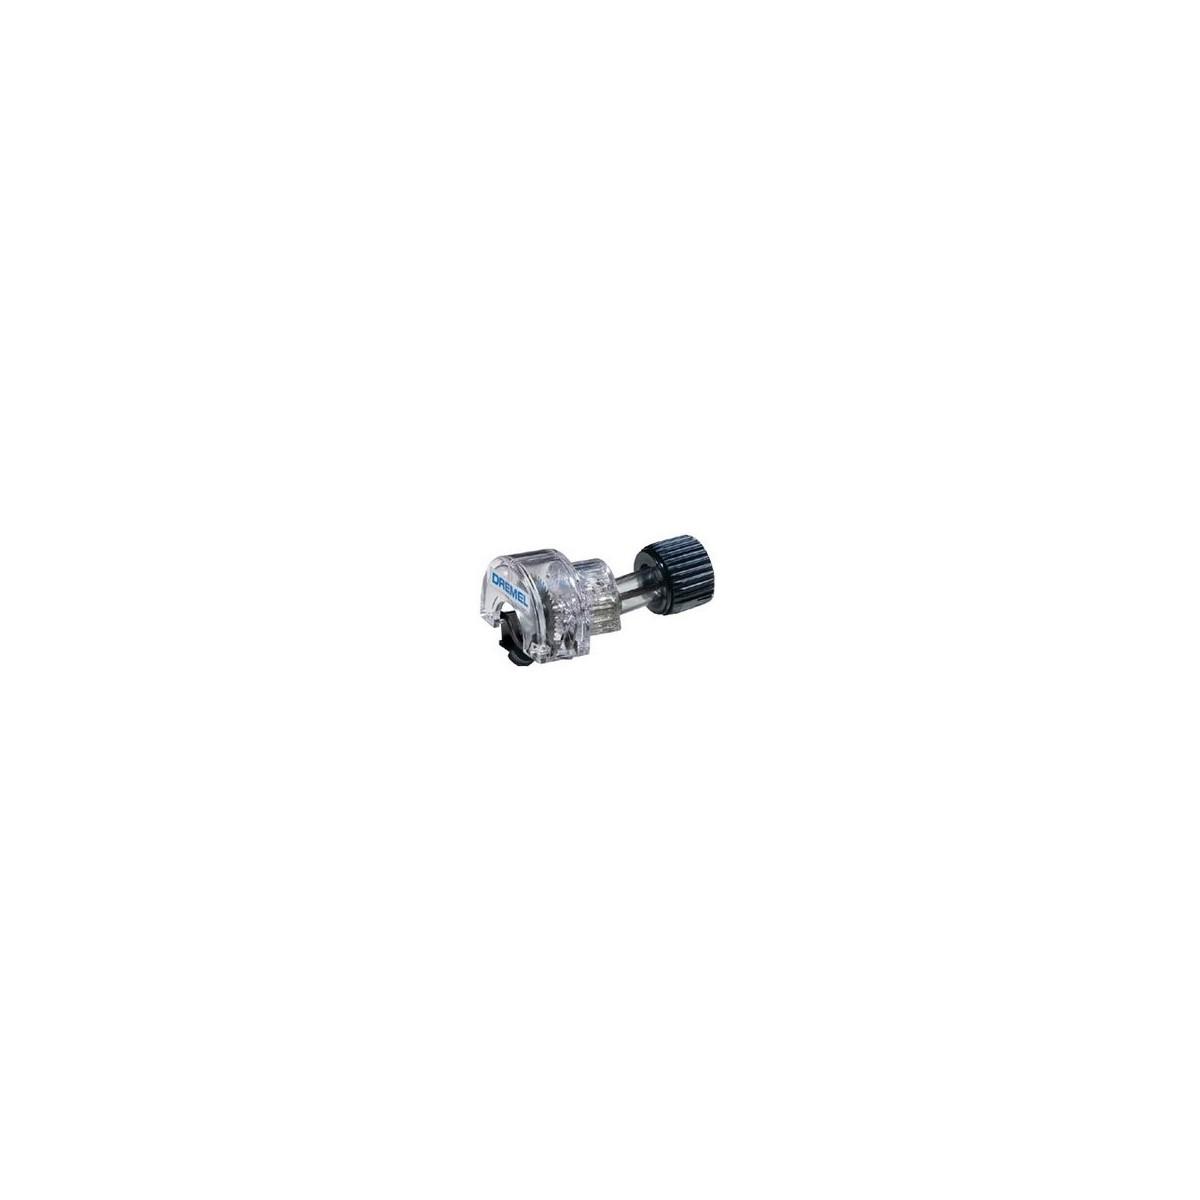 DREMEL® Mini Saw Attachment 670 26150670JA